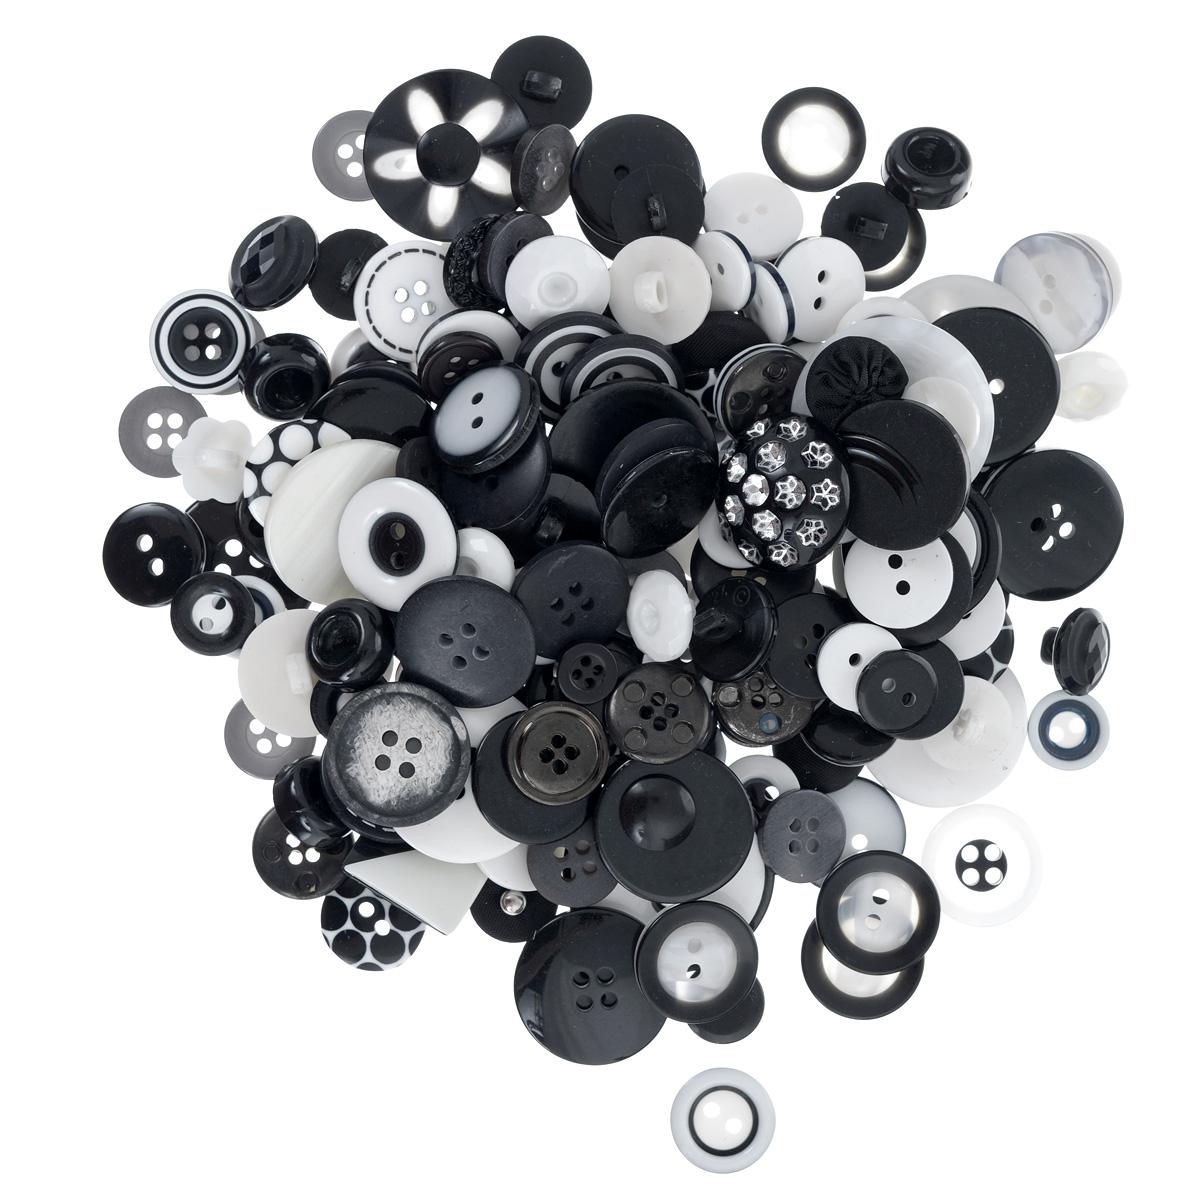 Пуговицы декоративные Buttons Galore & More Haberdashery Buttons, цвет: черный, белый, 115 г7708880_Черный/белыйНабор пуговиц для творчества и декорирования одежды Buttons Galore & More Haberdashery Buttons изготовлен из высококачественного пластика. В набор входят пуговицы различных размеров, форм и с разным количеством отверстий. Такие пуговицы подходят для любых видов творчества: скрапбукинга, декорирования, шитья, изготовления кукол, а также для оформления одежды. С их помощью вы сможете украсить открытку, фотографию, альбом, подарок и другие предметы ручной работы. Пуговицы имеют оригинальный и яркий дизайн. Средний диаметр пуговиц: 2 см.